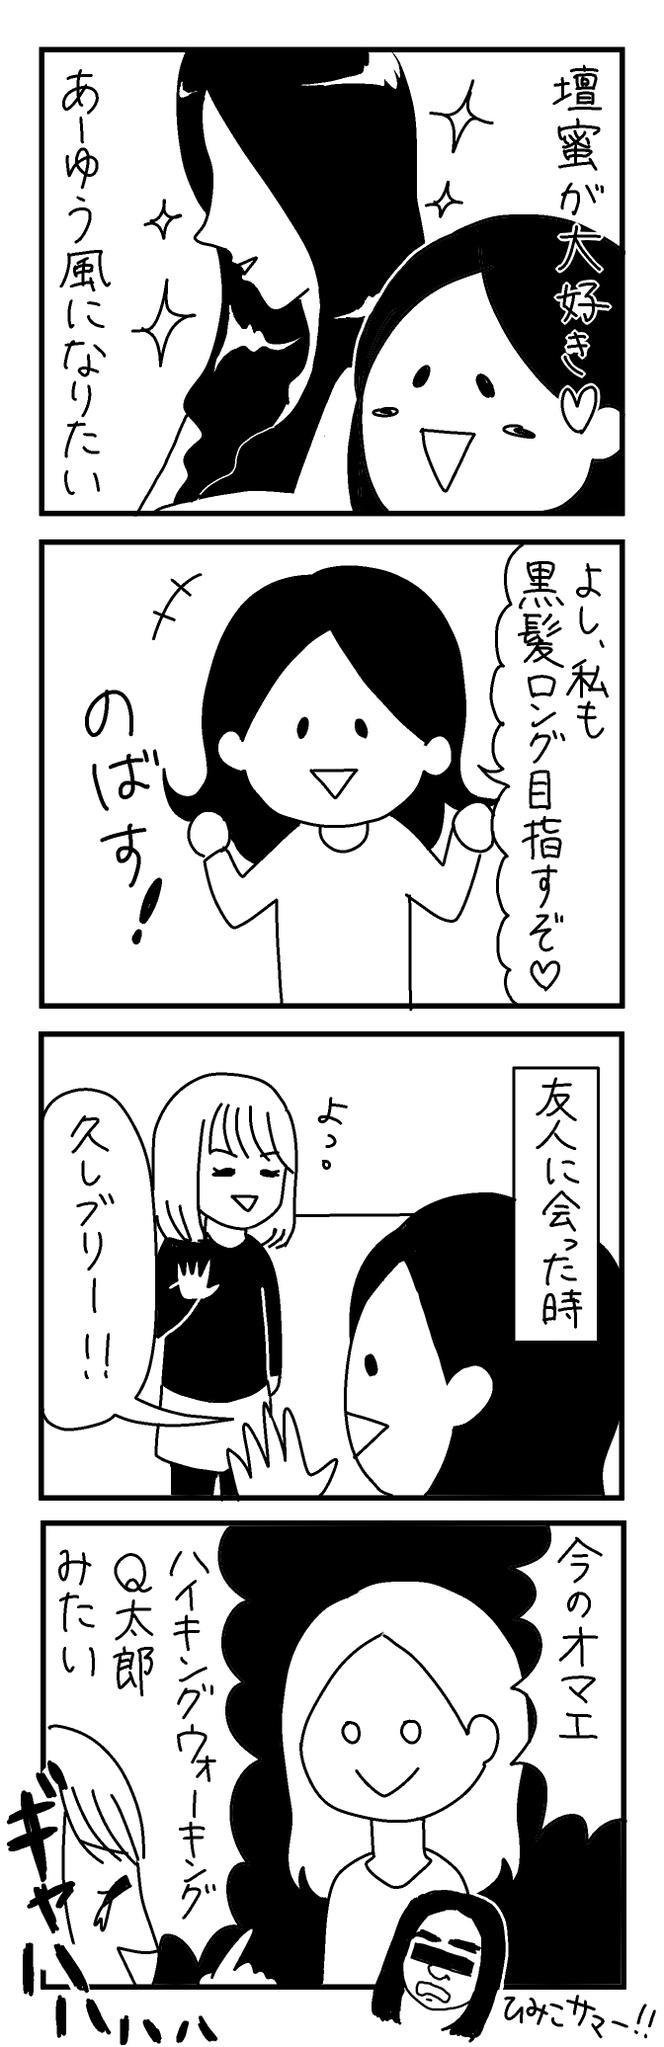 【4コマ漫画】第18回「ビクトリアな日々」作:ビクトリアブラディーヌ